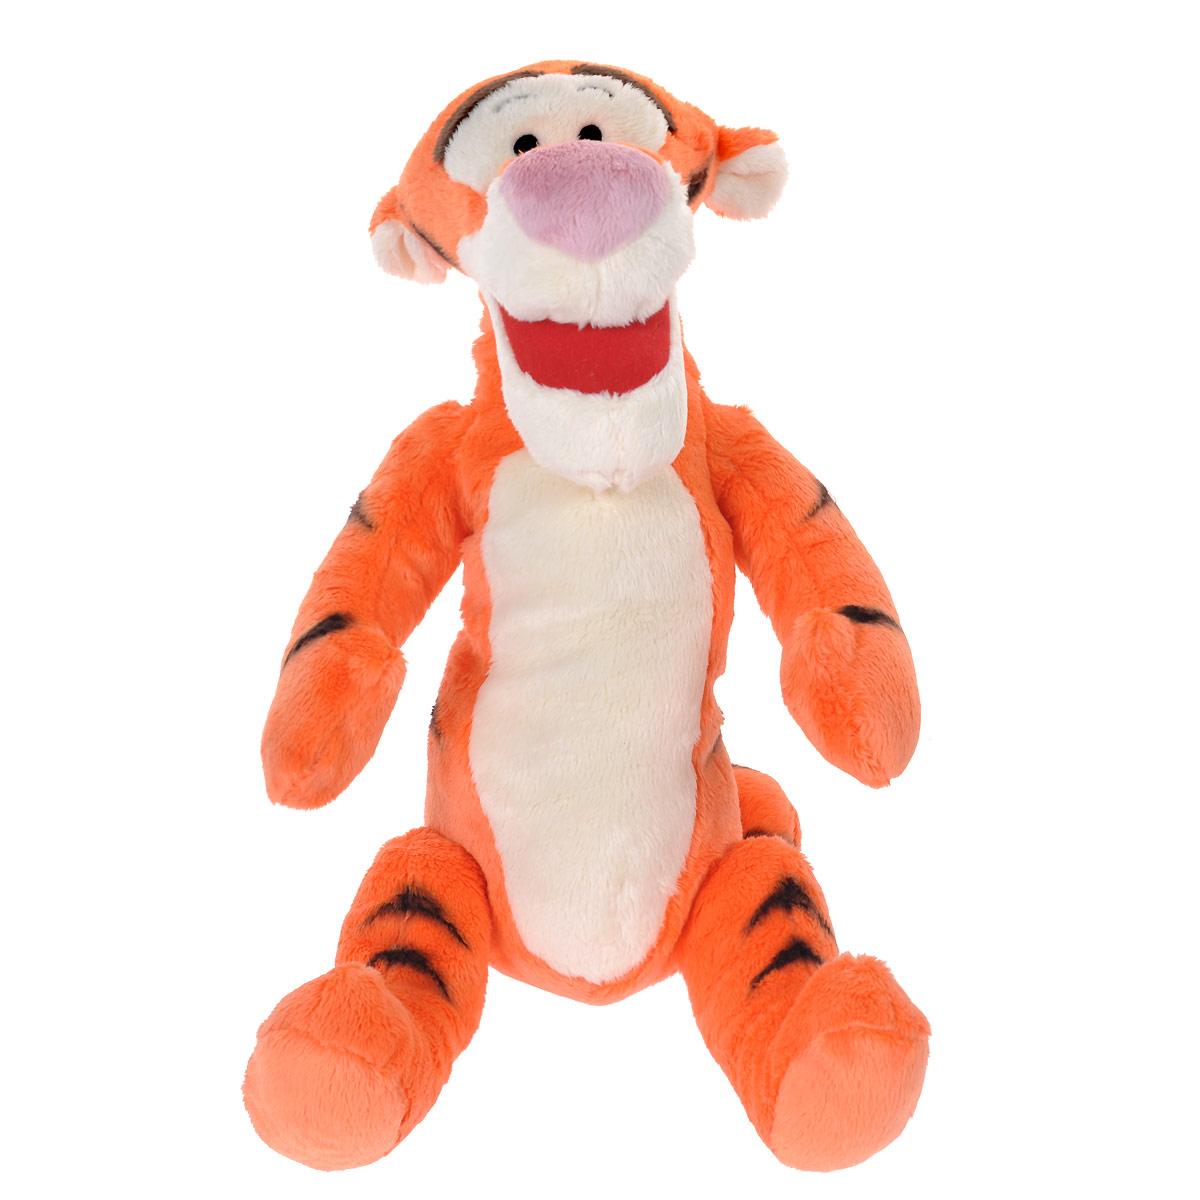 Мягкая игрушка Disney Тигруля, цвет: оранжевый, 80 см1100056Мягкая игрушка Disney Тигруля станет любимой игрушкой вашего ребенка. Она выполнена в виде Тигрули - героя популярного диснеевского мультсериала о приключениях Винни-Пуха и его друзей. Игрушка удивительно приятна на ощупь. Она изготовлена из мягкого текстильного материала, глазки вышиты нитками. Чудесная мягкая игрушка принесет радость и подарит своему обладателю мгновения нежных объятий и приятных воспоминаний. Компания Disney предъявляет большие требования к качеству продукции: все плюшевые герои соответствуют своим мультяшным прототипам, а самое главное - производятся в соответствии с мировыми стандартами качества и соответствуют российским требованиям безопасности.